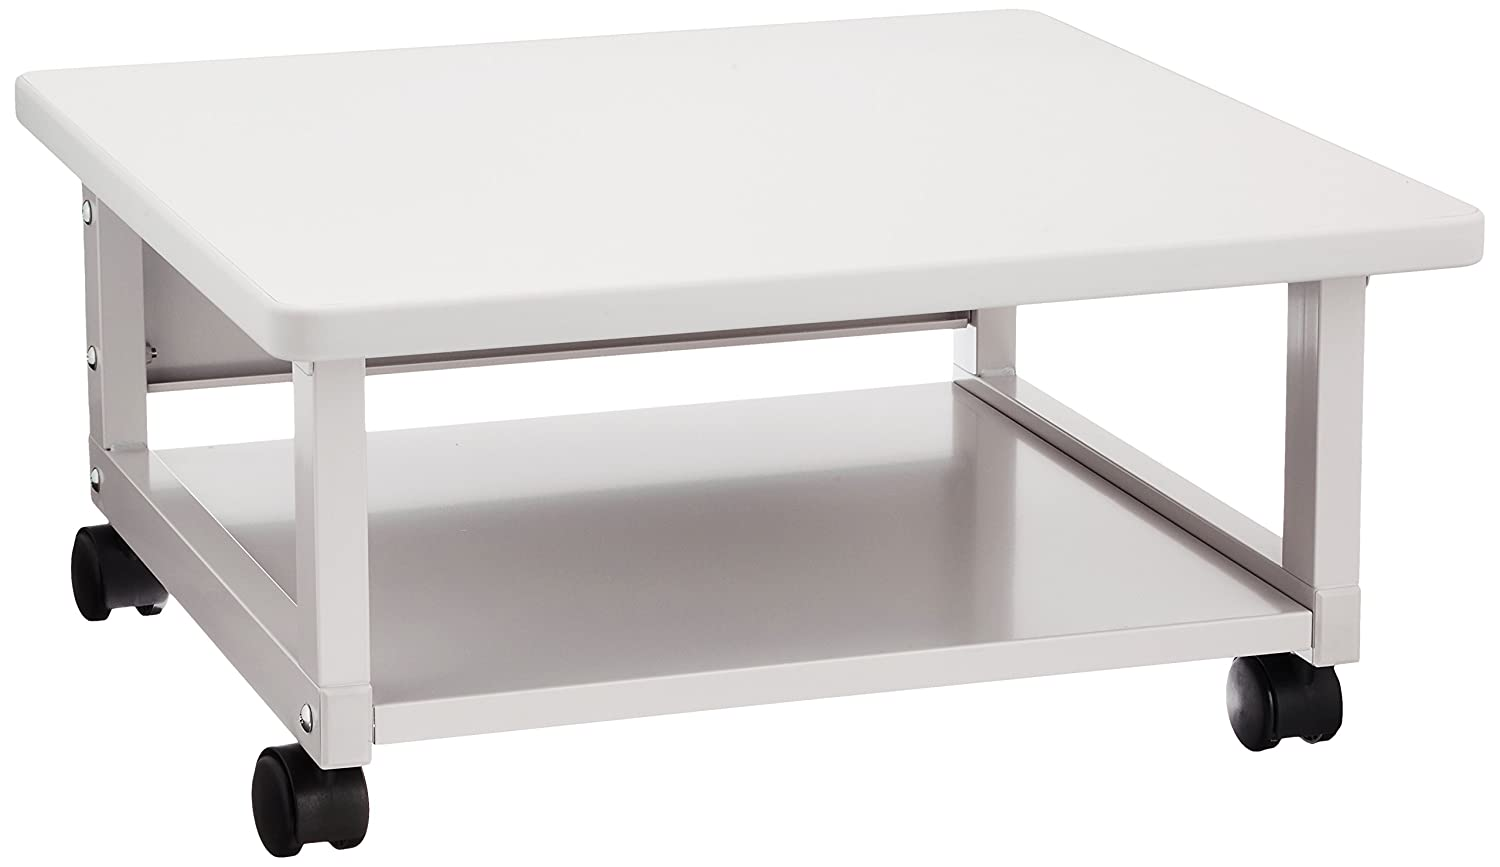 ナカバヤシ レーザープリンタテーブル PTL-202N B000UJ1M8A Parent  W60×D60×H30cm